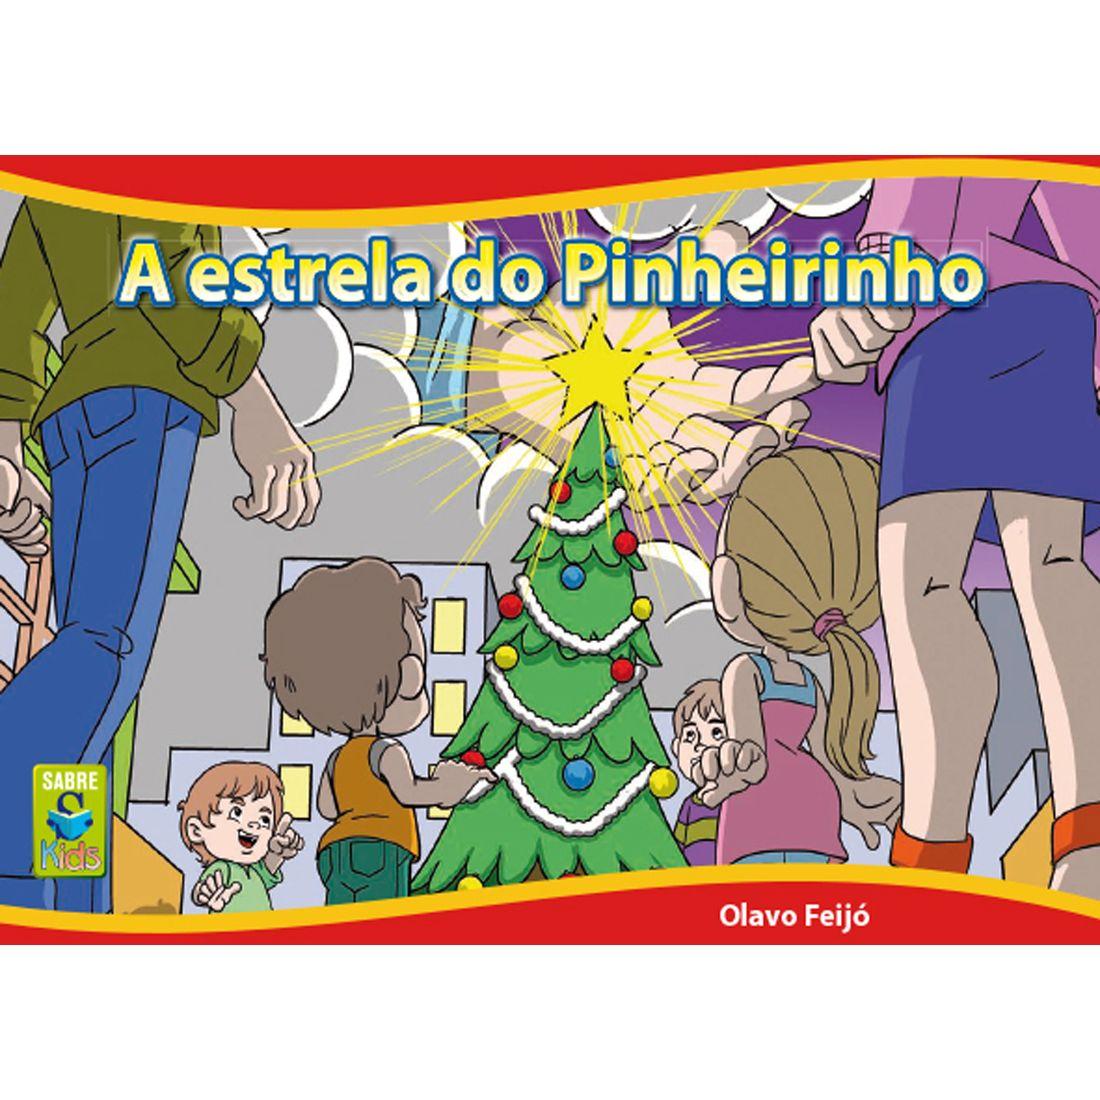 A estrela do Pinheirinho  - Distribuidora EBD